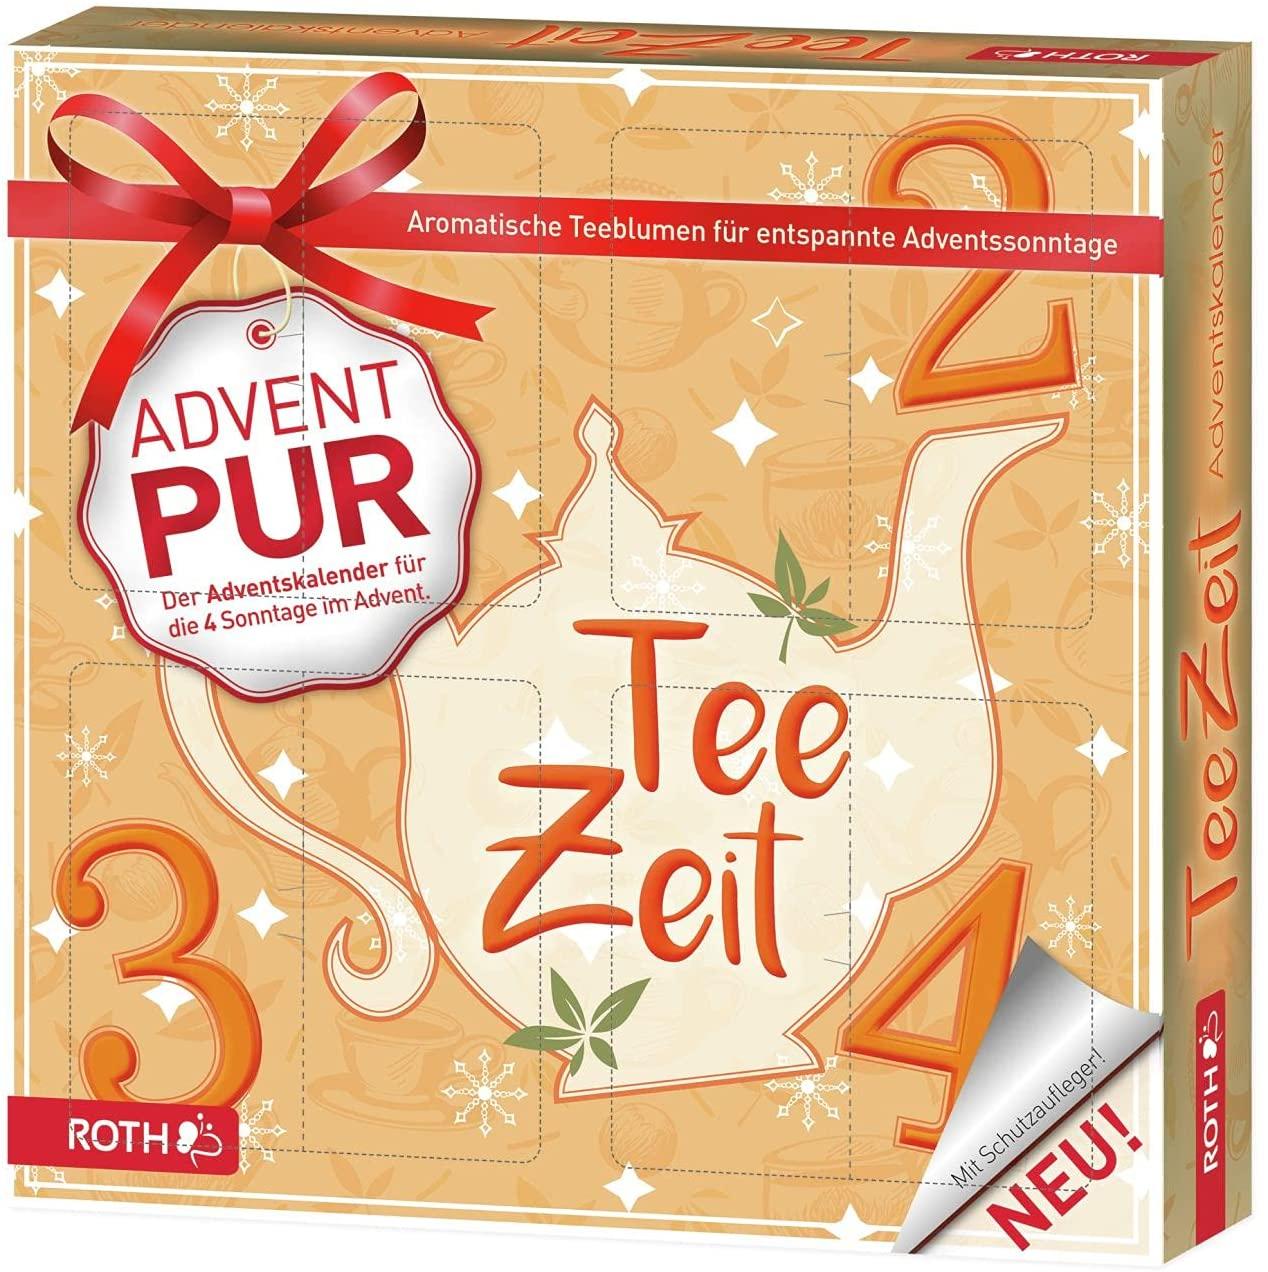 ROTH Adventskalender PUR 'Teezeit'